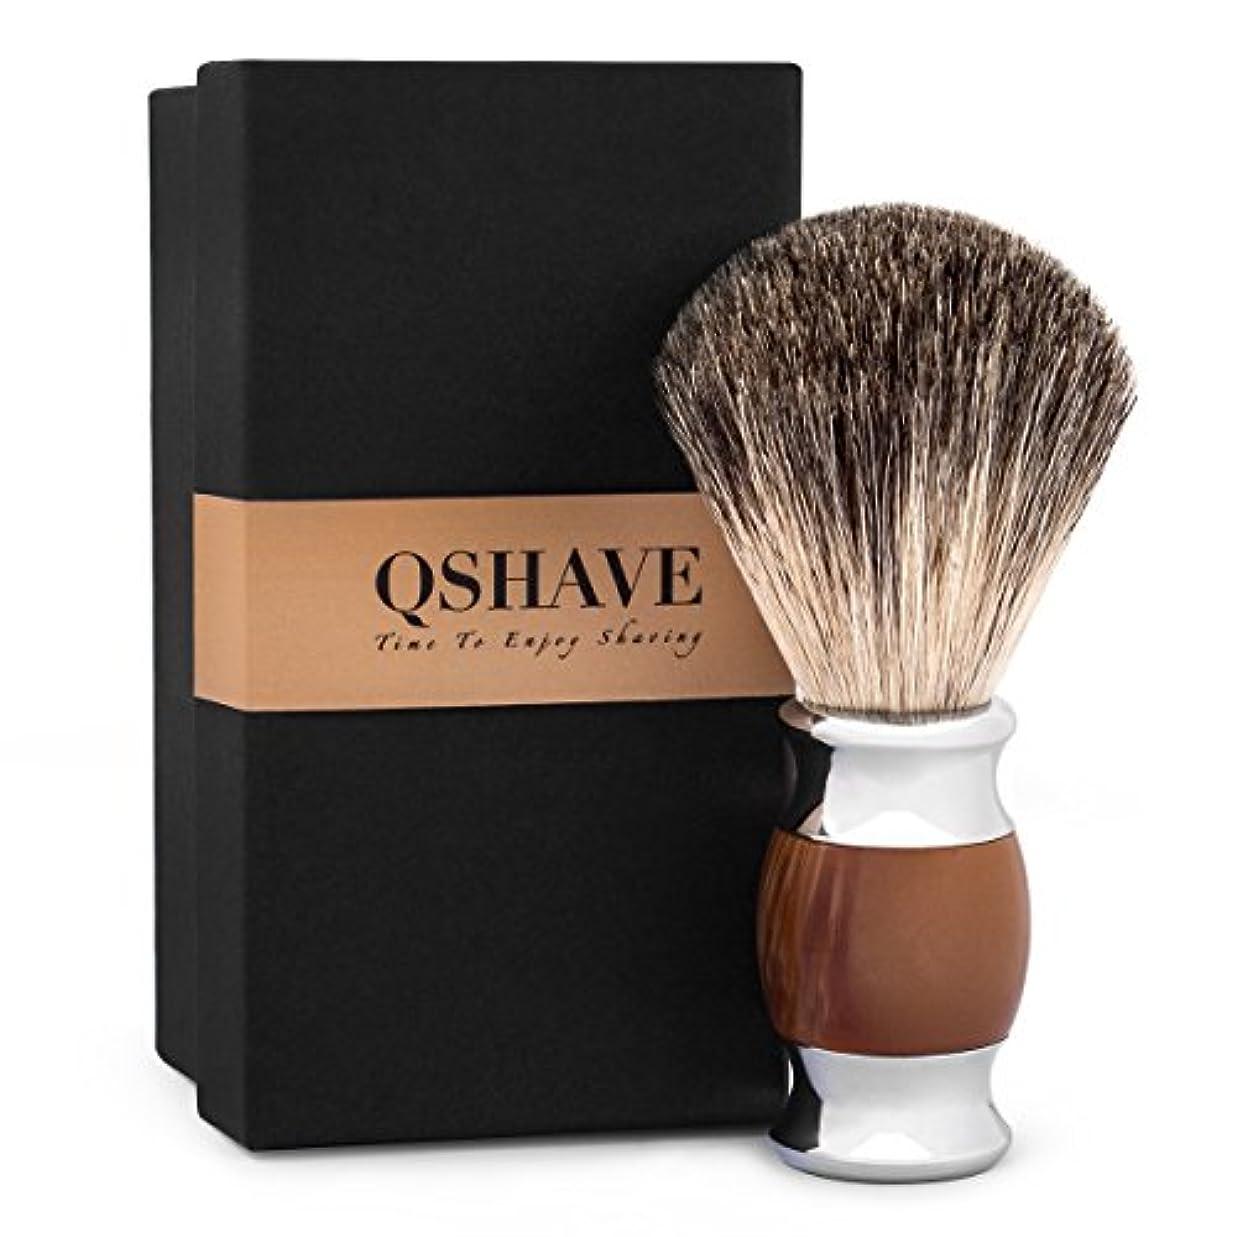 浴悪因子トラックQSHAVE 100%最高級アナグマ毛オリジナルハンドメイドシェービングブラシ。人工メノウ ハンドル。ウェットシェービング、安全カミソリ、両刃カミソリに最適